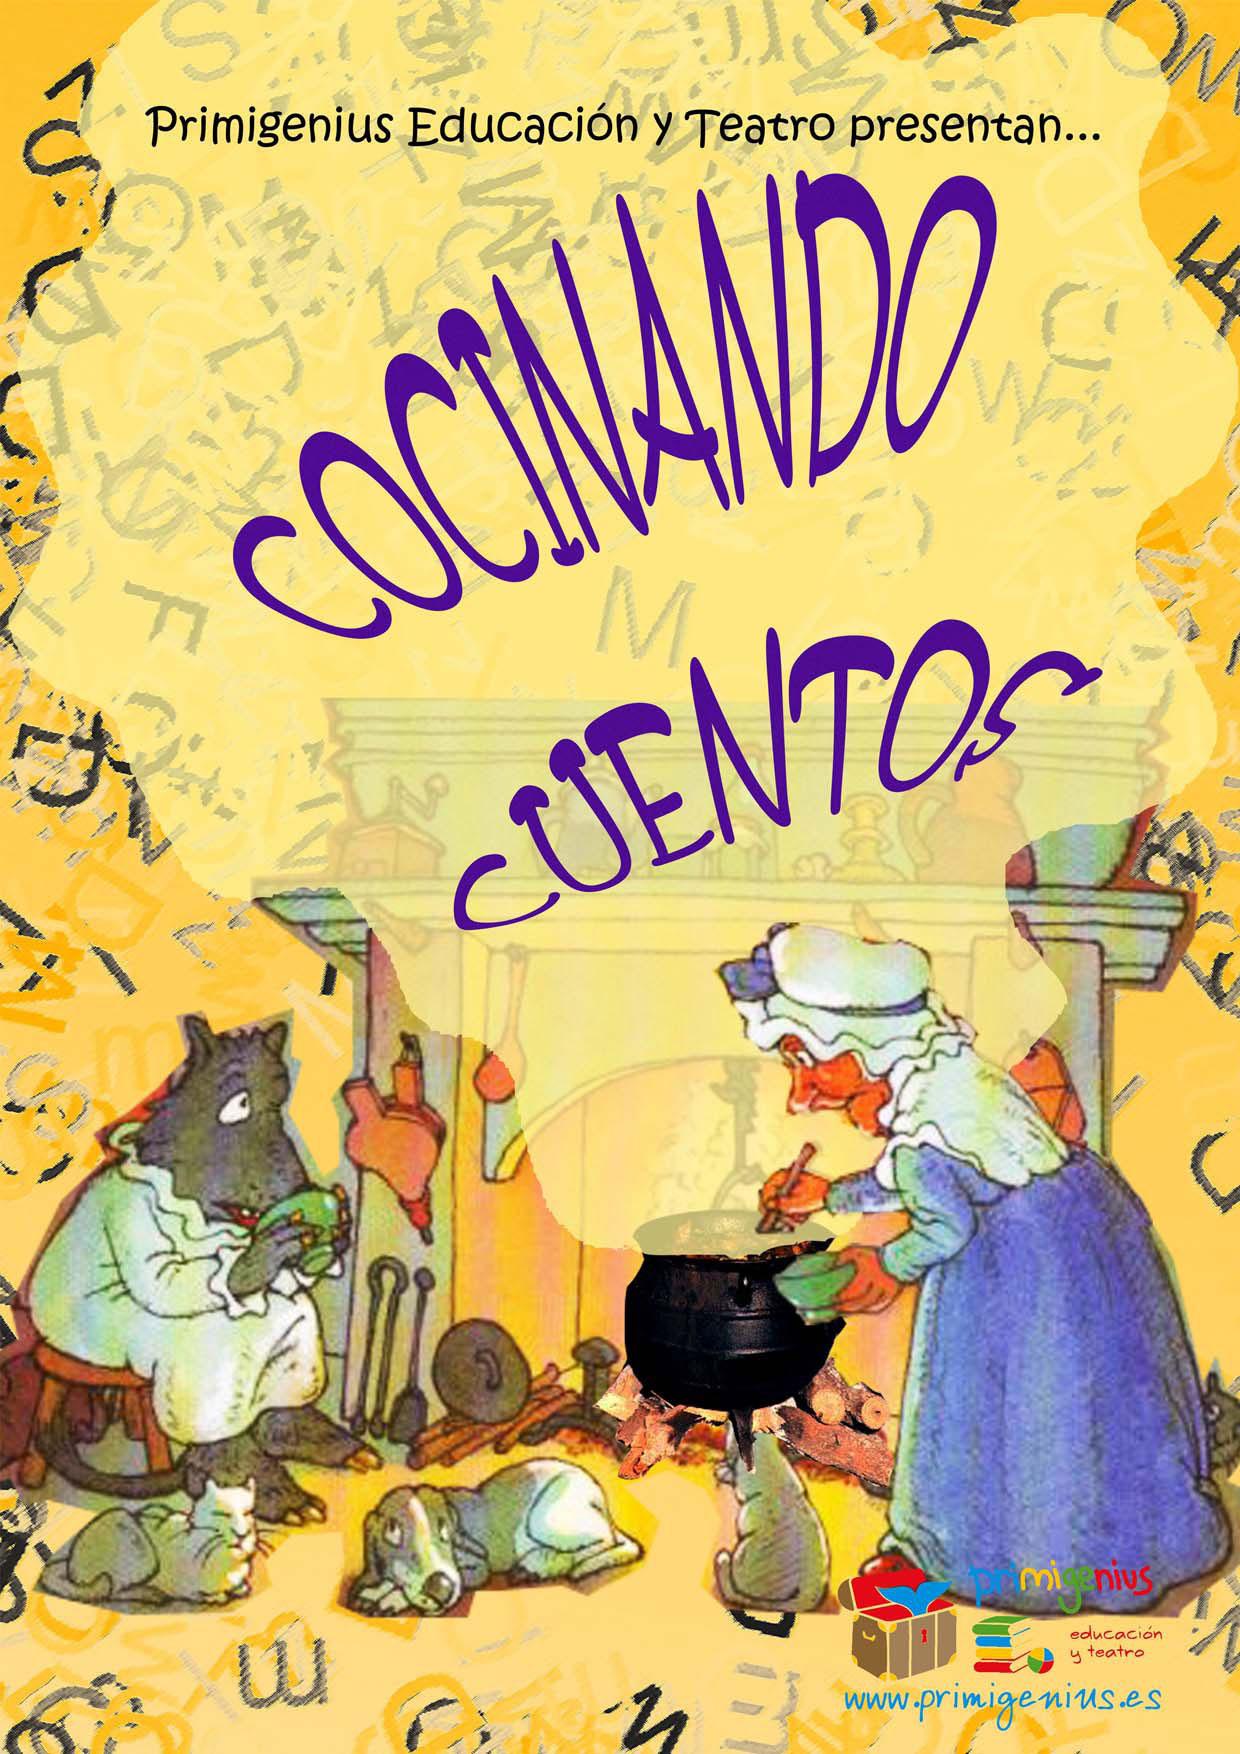 COCINANDOcuentos02A4